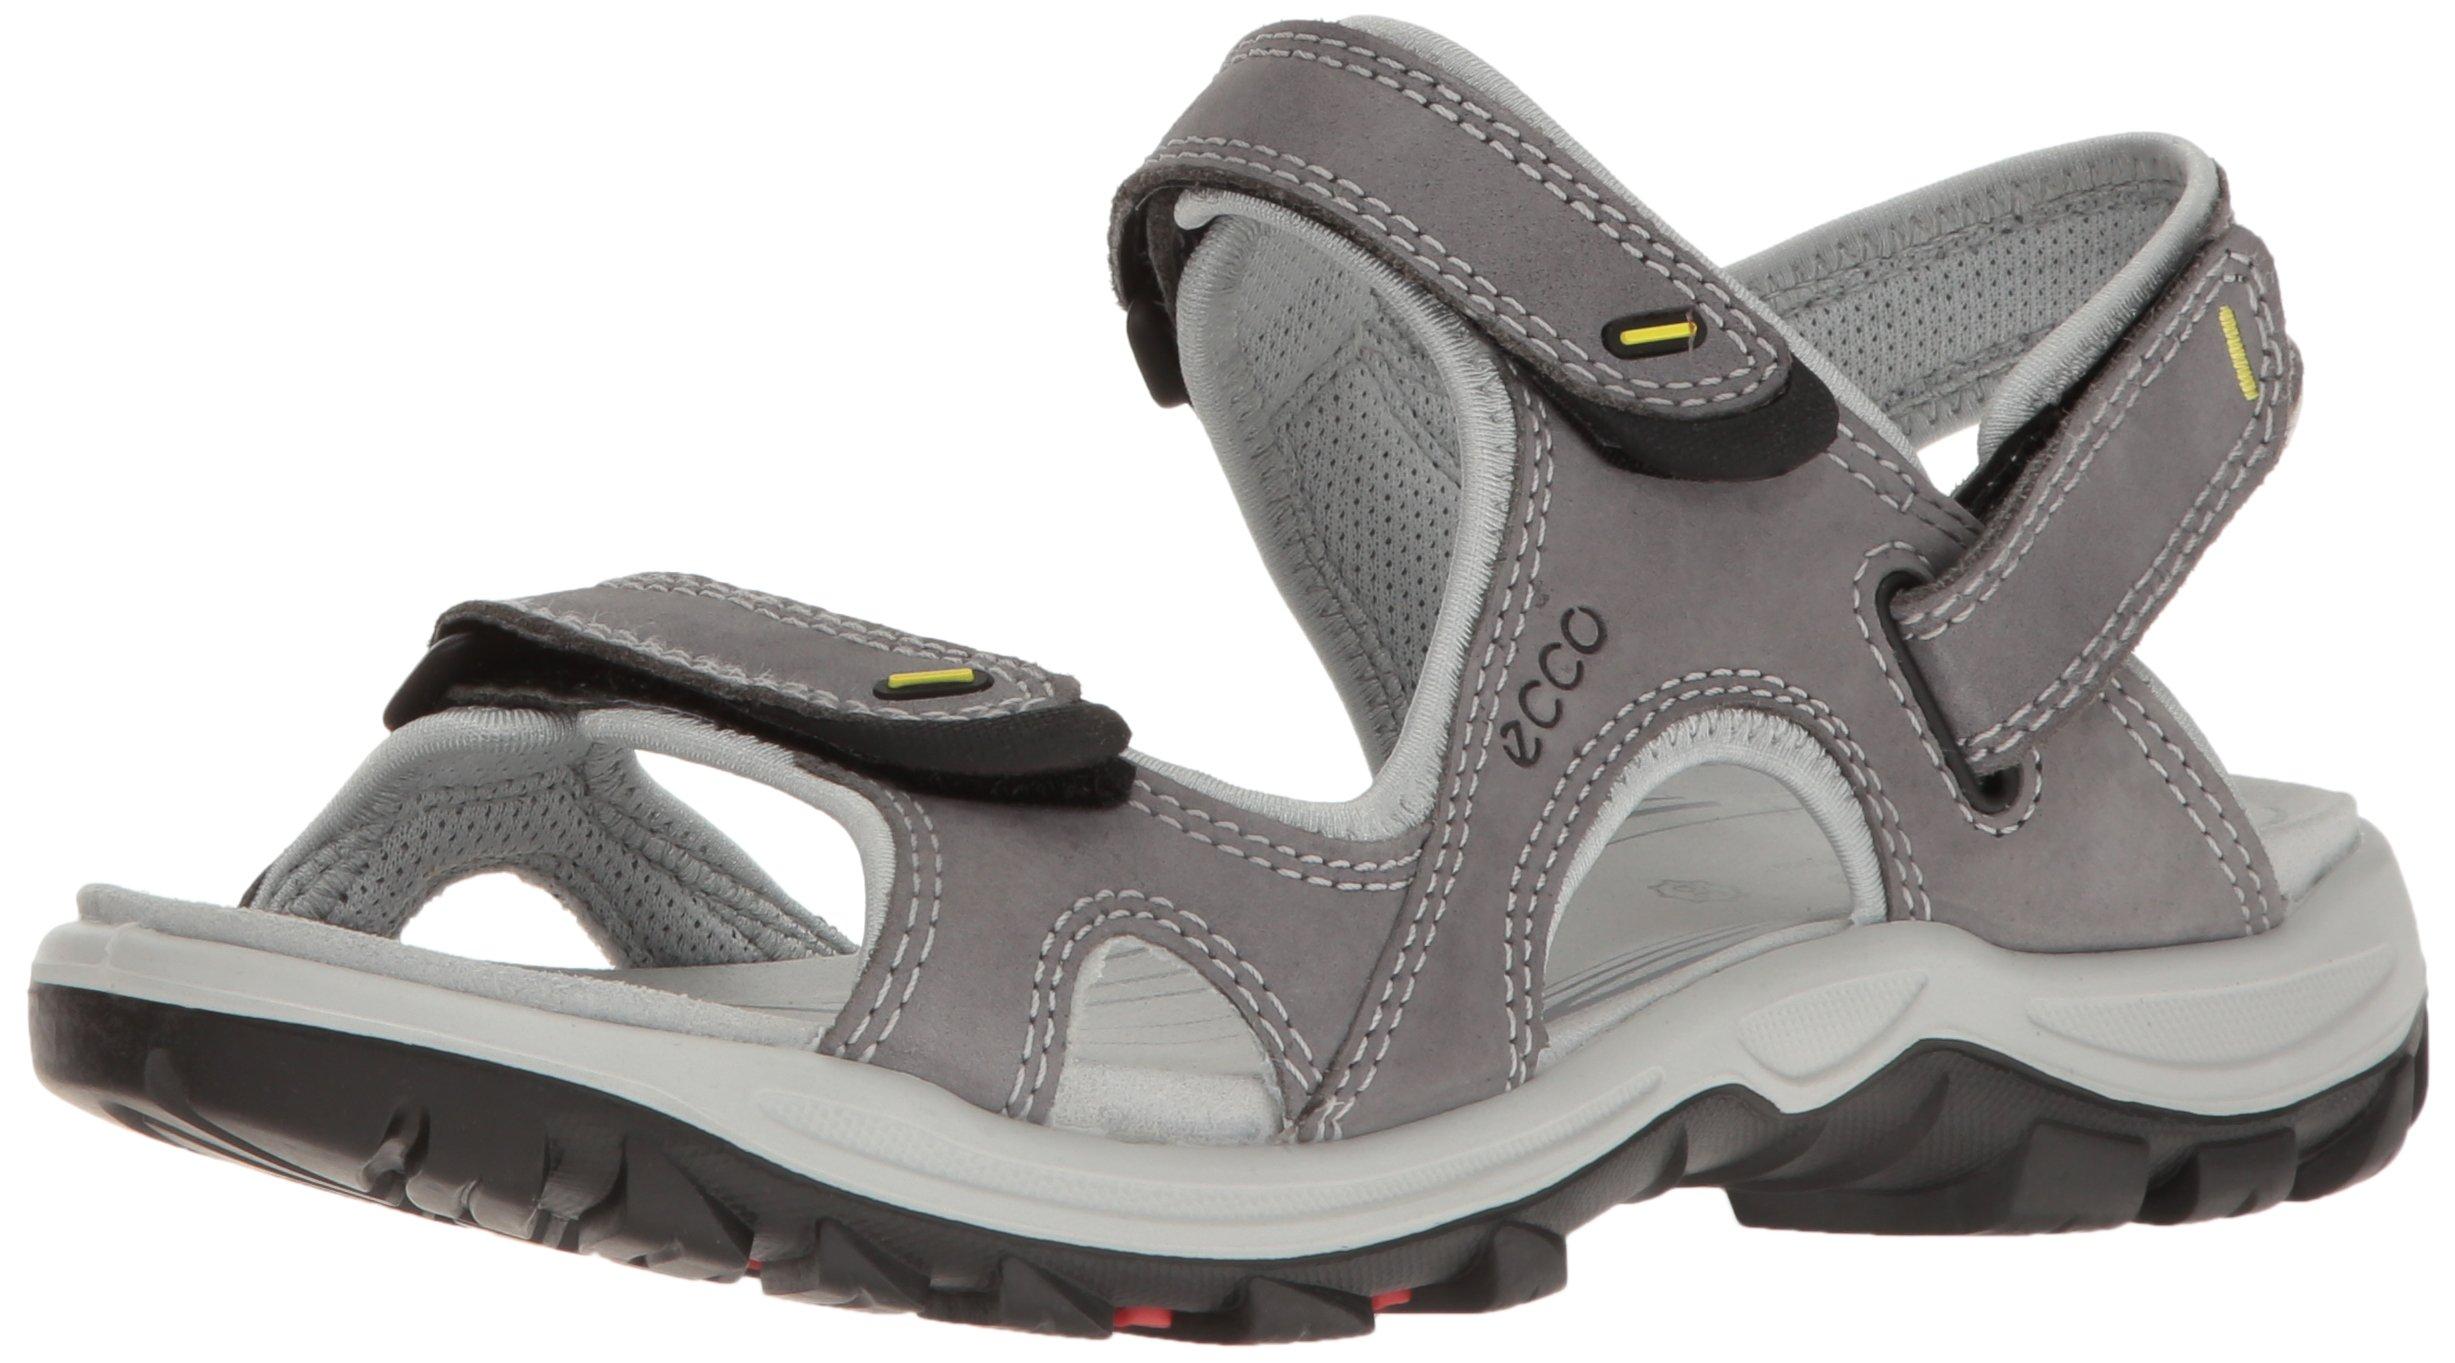 ECCO Women's Offroad Lite Athletic Sandal, Titanium/Concrete, 41 EU/10-10.5 M US